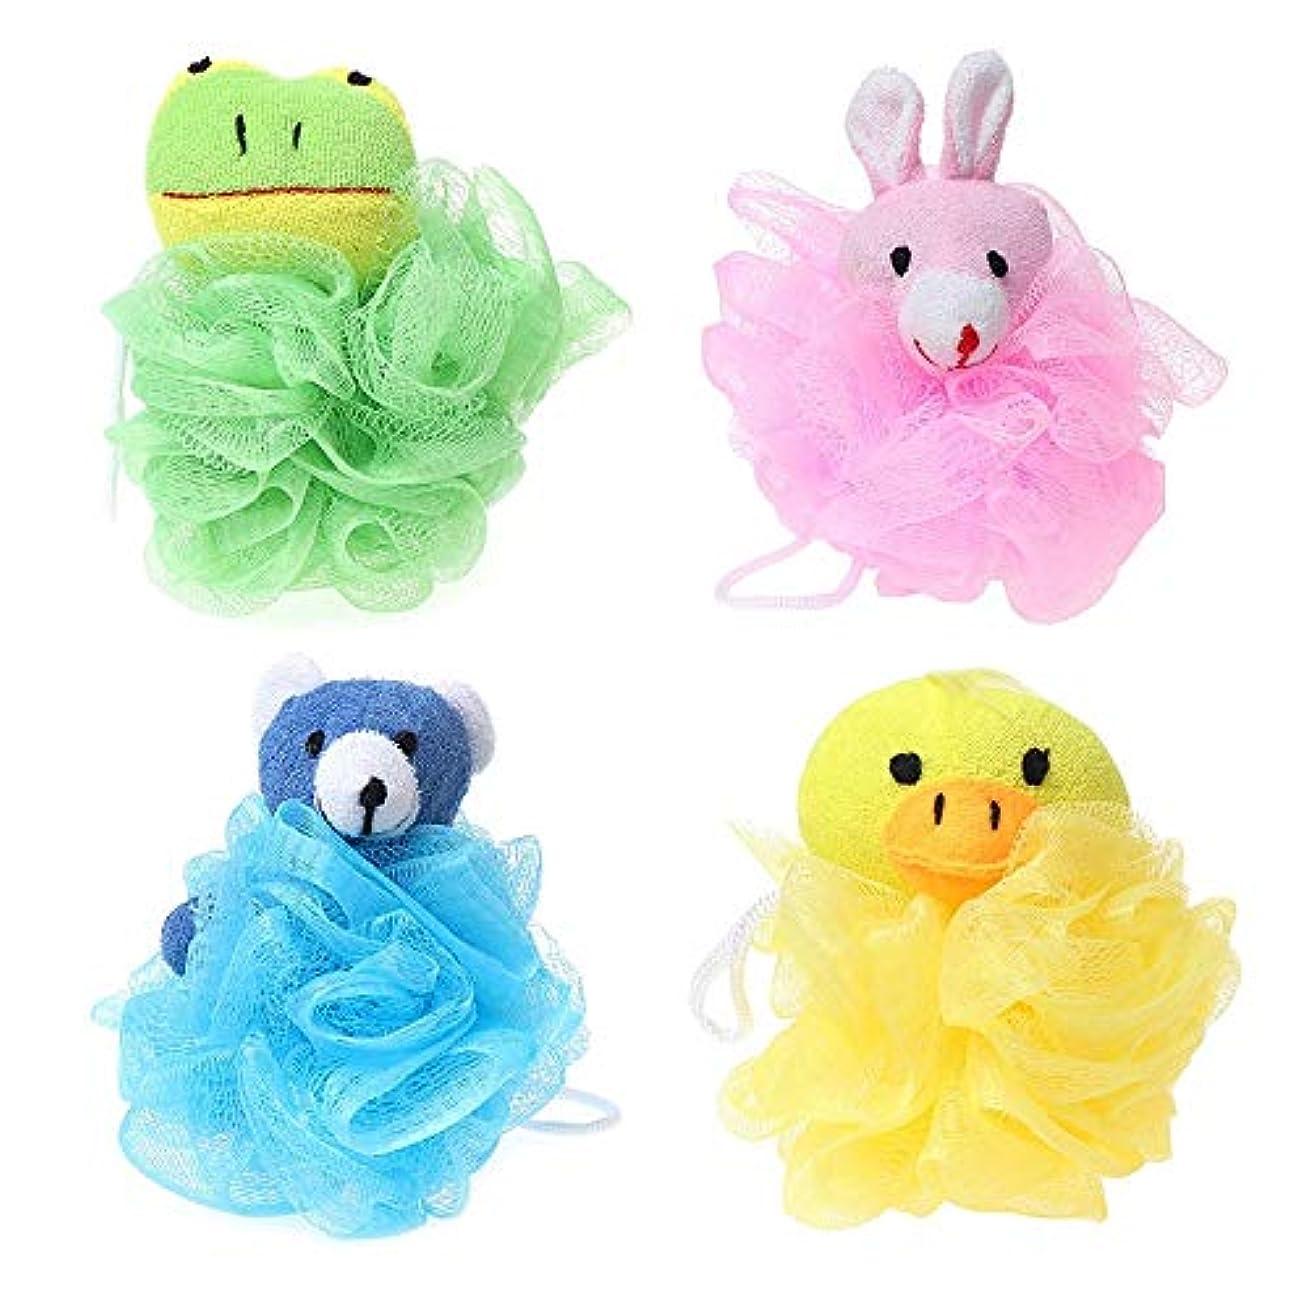 配置増強聖歌TOOGOO 子供用おもちゃクッションパフメッシュぬいぐるみ付き(4パック)カエル、アヒル、ウサギ、クマ